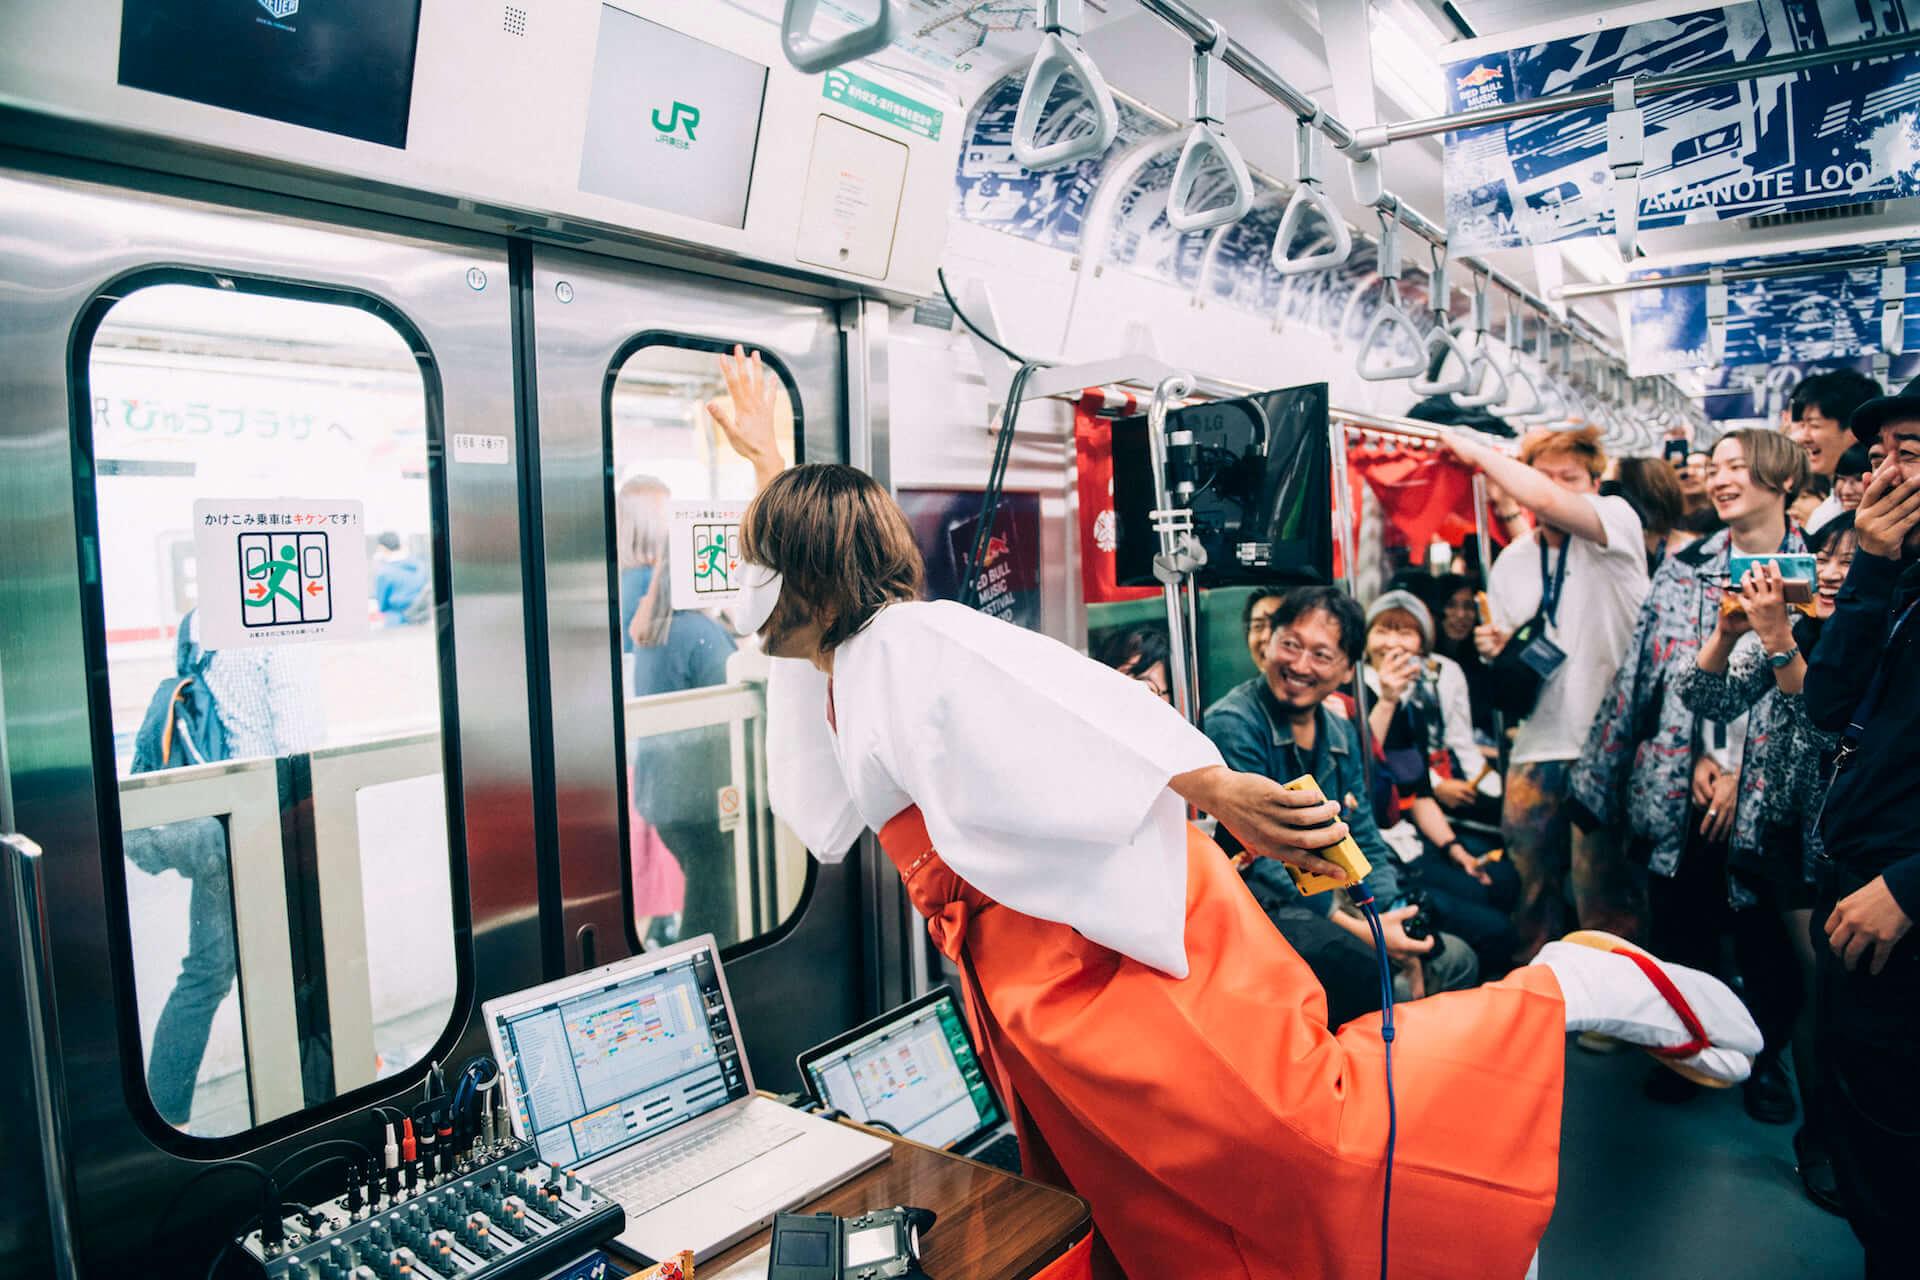 【フォトレポ】RED BULL MUSIC FESTIVAL TOKYO 2018|62 MINUTES YAMANOTE LOOP SS_22092018_62MINUTES_YAMANOTE_LOOP_0006-1920x1280